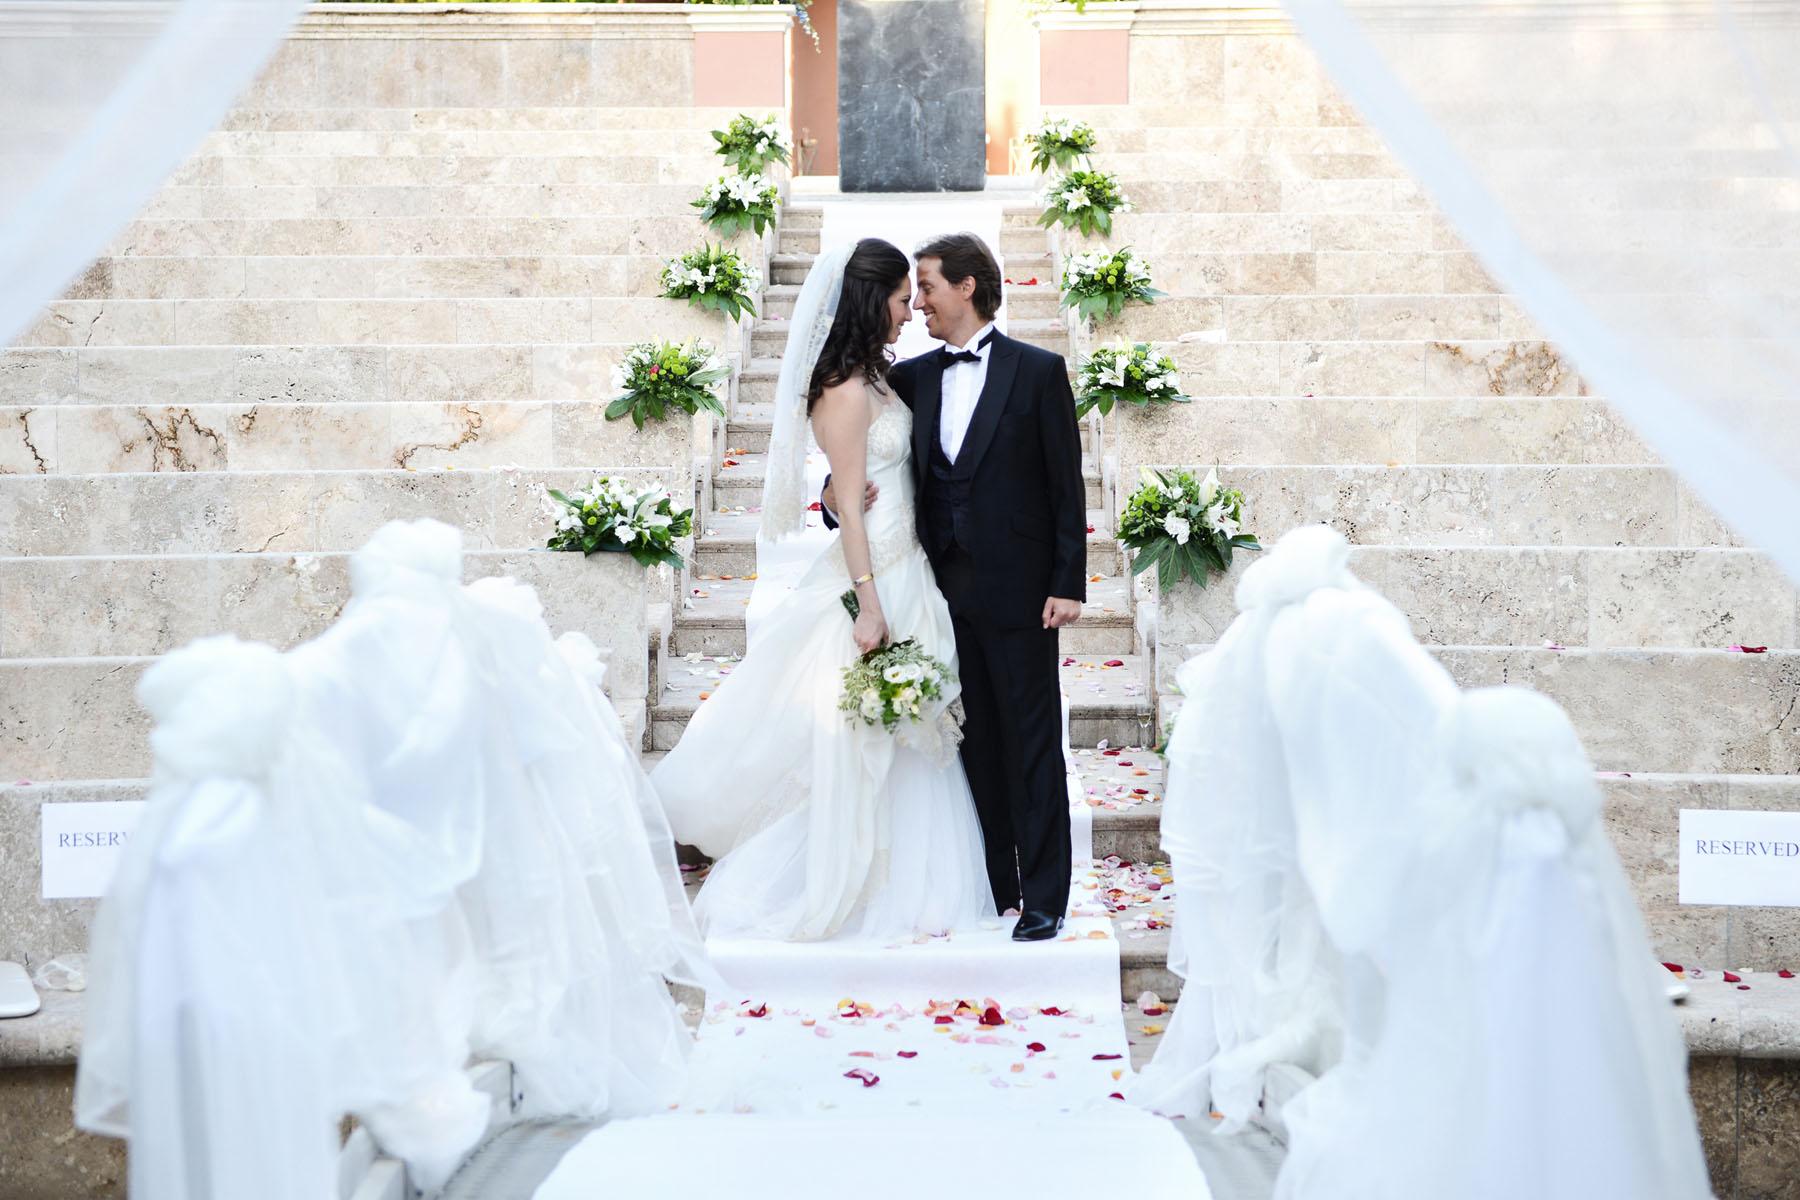 Villa Padierna Palace wedding ceremonies